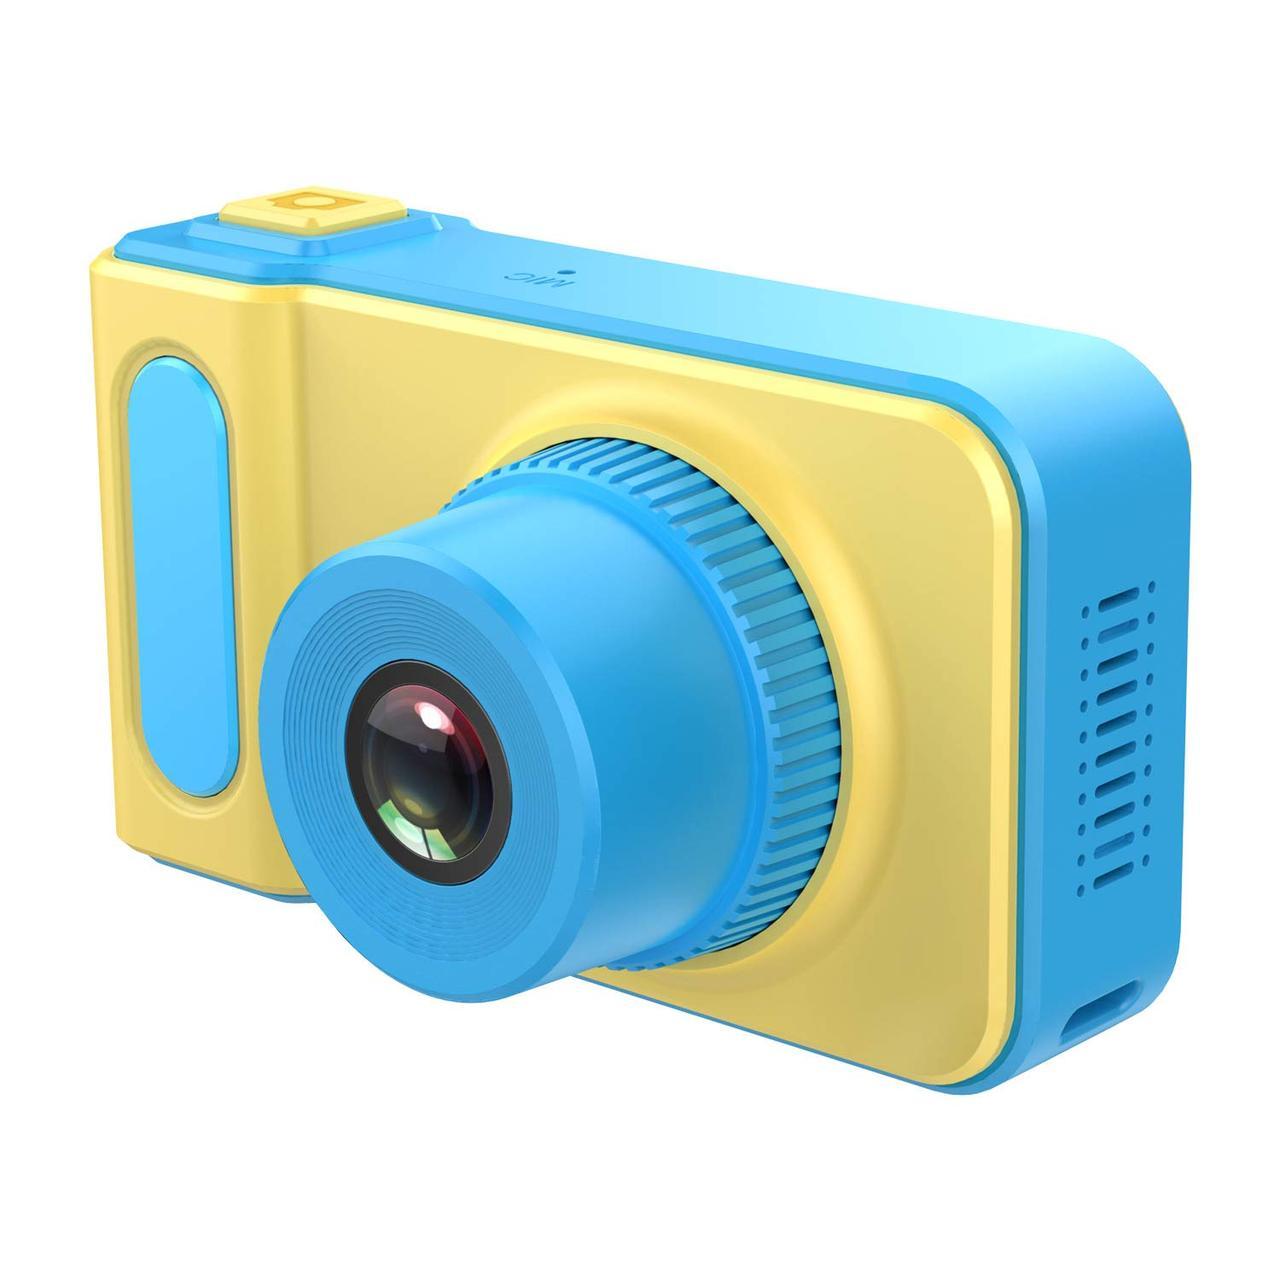 Дропшиппинг. Цифровой детский фотоаппарат голубой Summer Vacation Smart Kids Camera Фото и Видеосъёмка